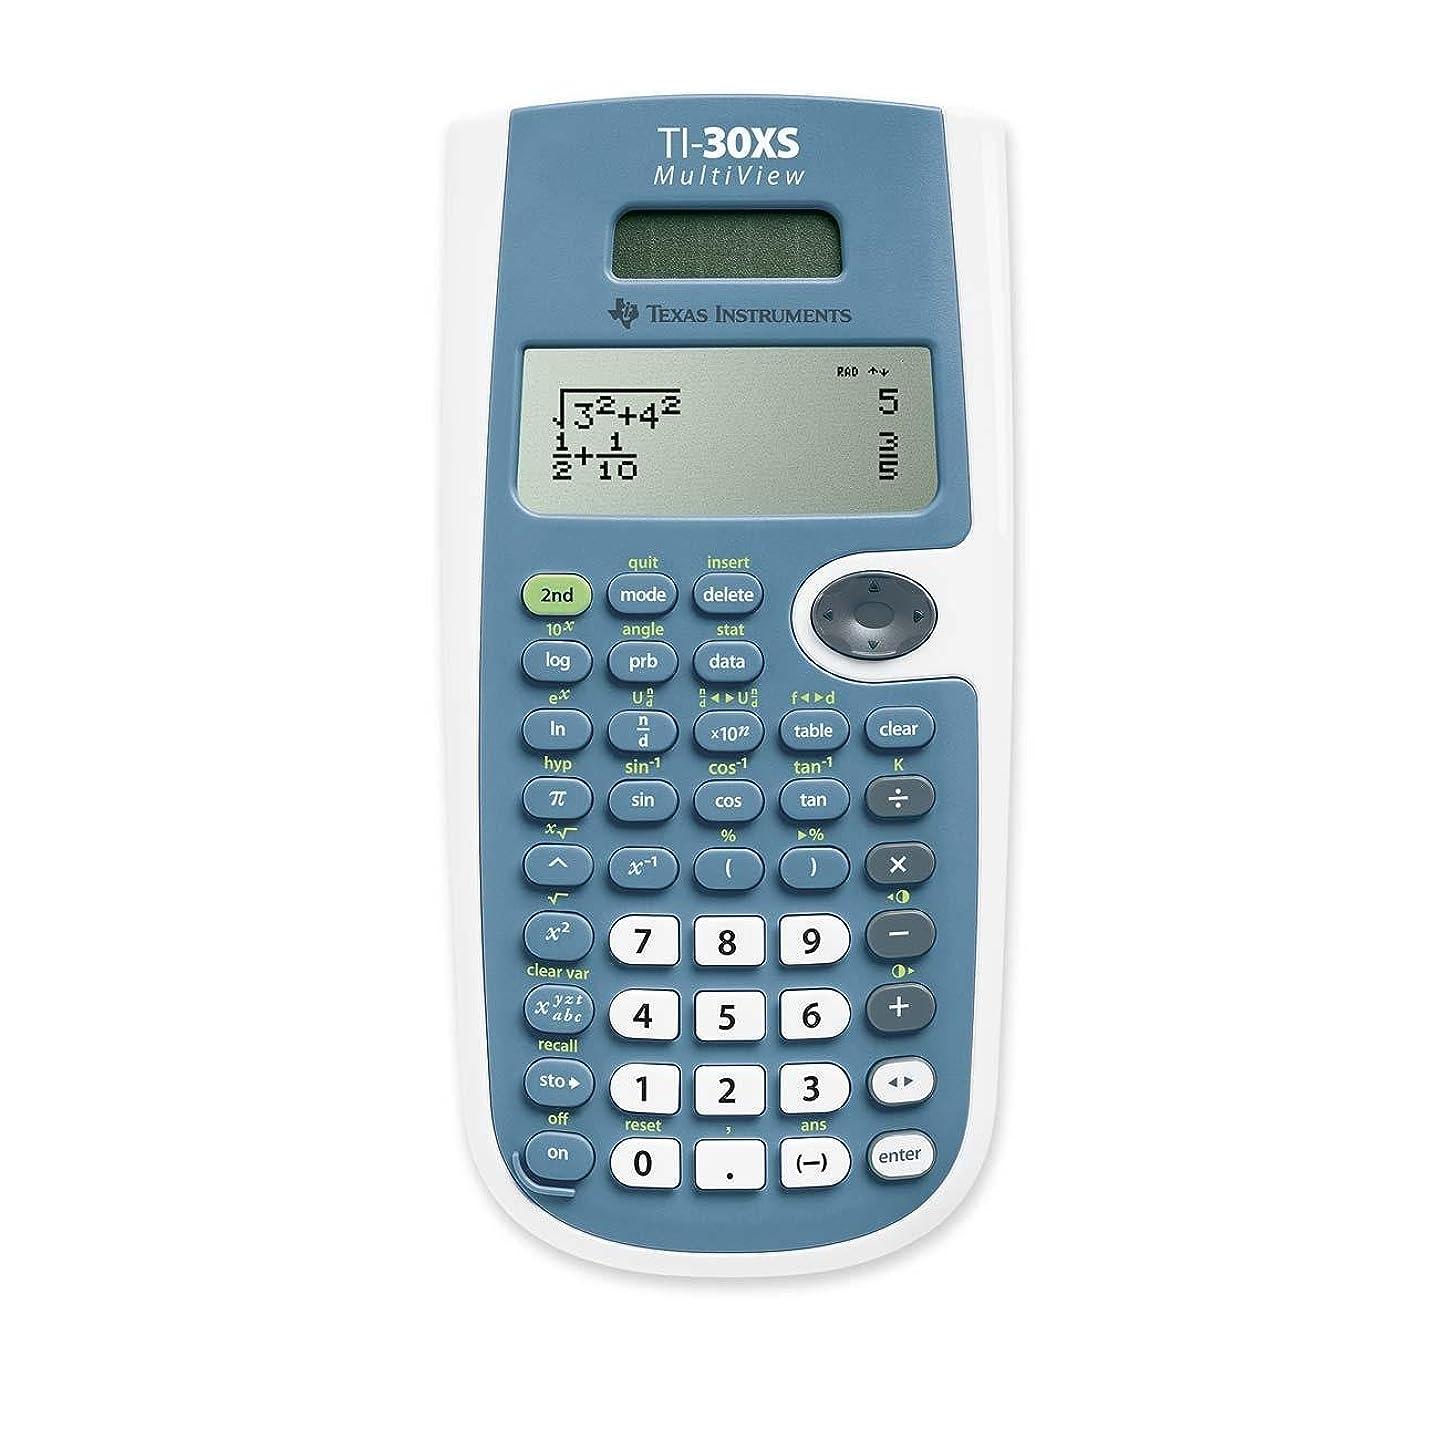 争い動かす霧深いTEXTI30XSMV - Texas Instruments TI-30XS マルチビュー電卓